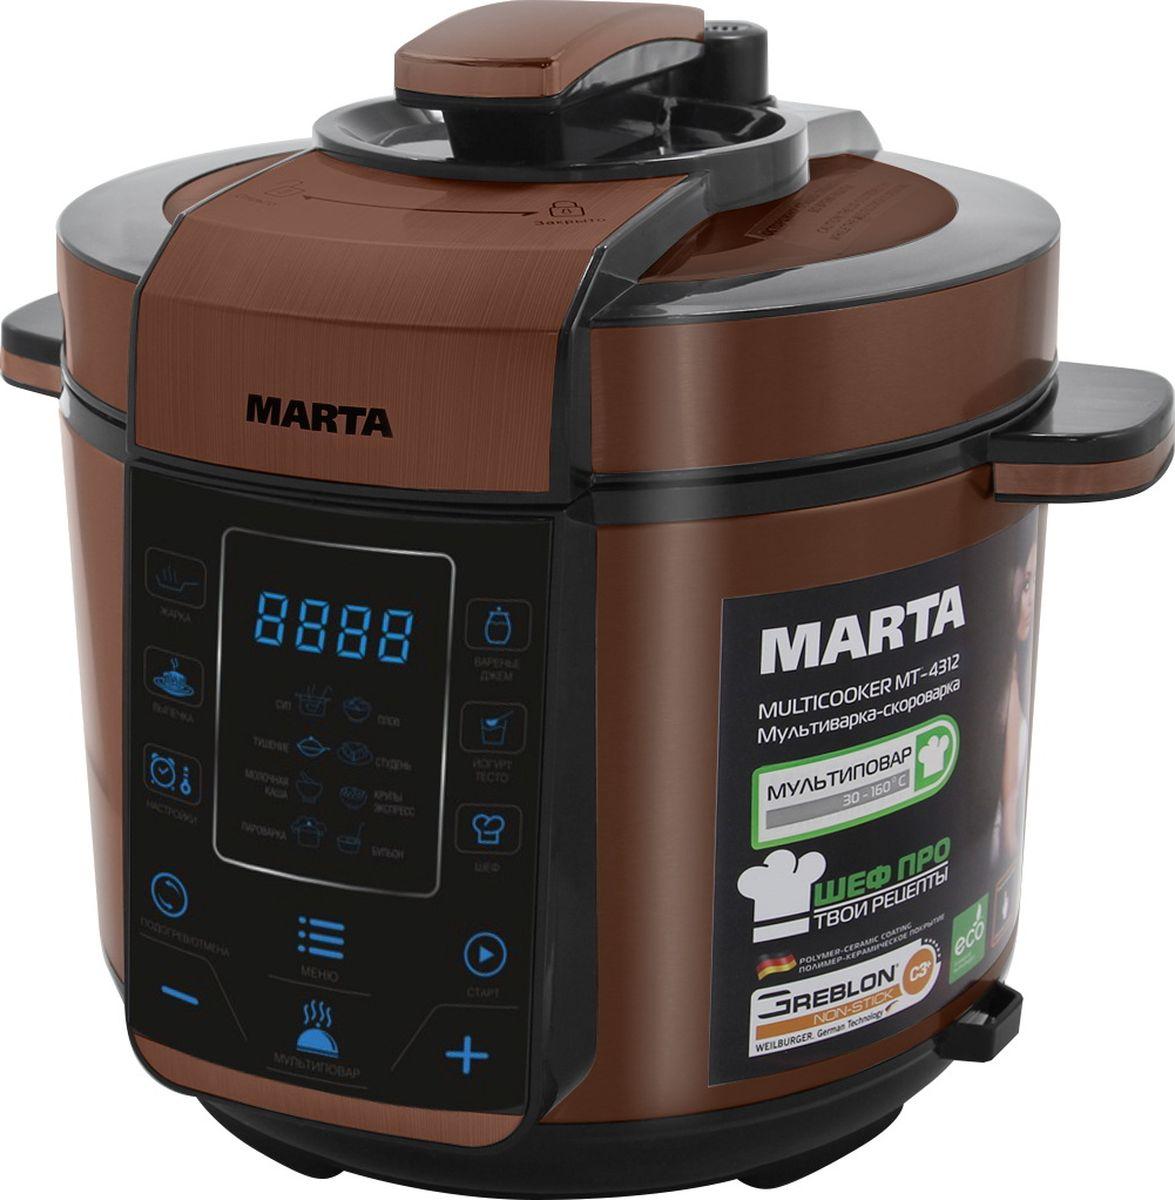 Marta MT-4312, Black Copper мультиваркаMT-4312 черн/медь900 W, работа под давлением и без, сталь, толстостенная чаша 5 л, Greblon C3+ трехслойное полимер-керамическое покрытие, 30 программ (14 автоматических, 16 ручных), МУЛЬТИПОВАР, ШЕФ, ШЕФ ПРО (память программ пользователя), сенсорное управление, 200 рецепт